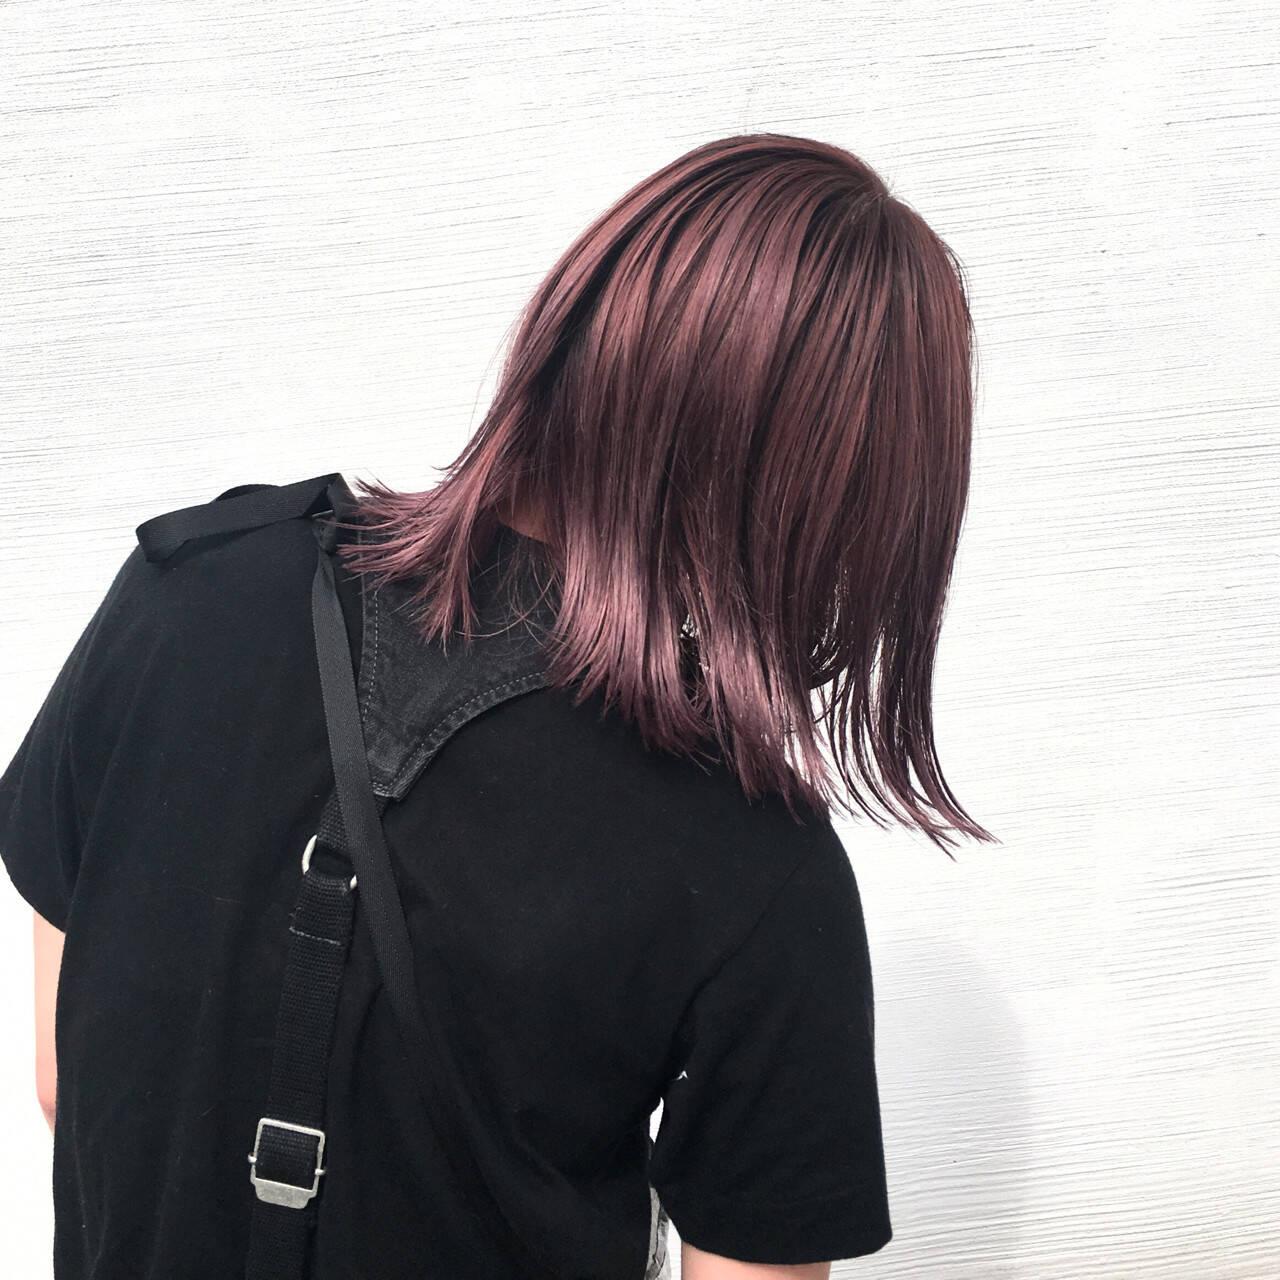 ブリーチ ダブルカラー モード ハイトーンヘアスタイルや髪型の写真・画像